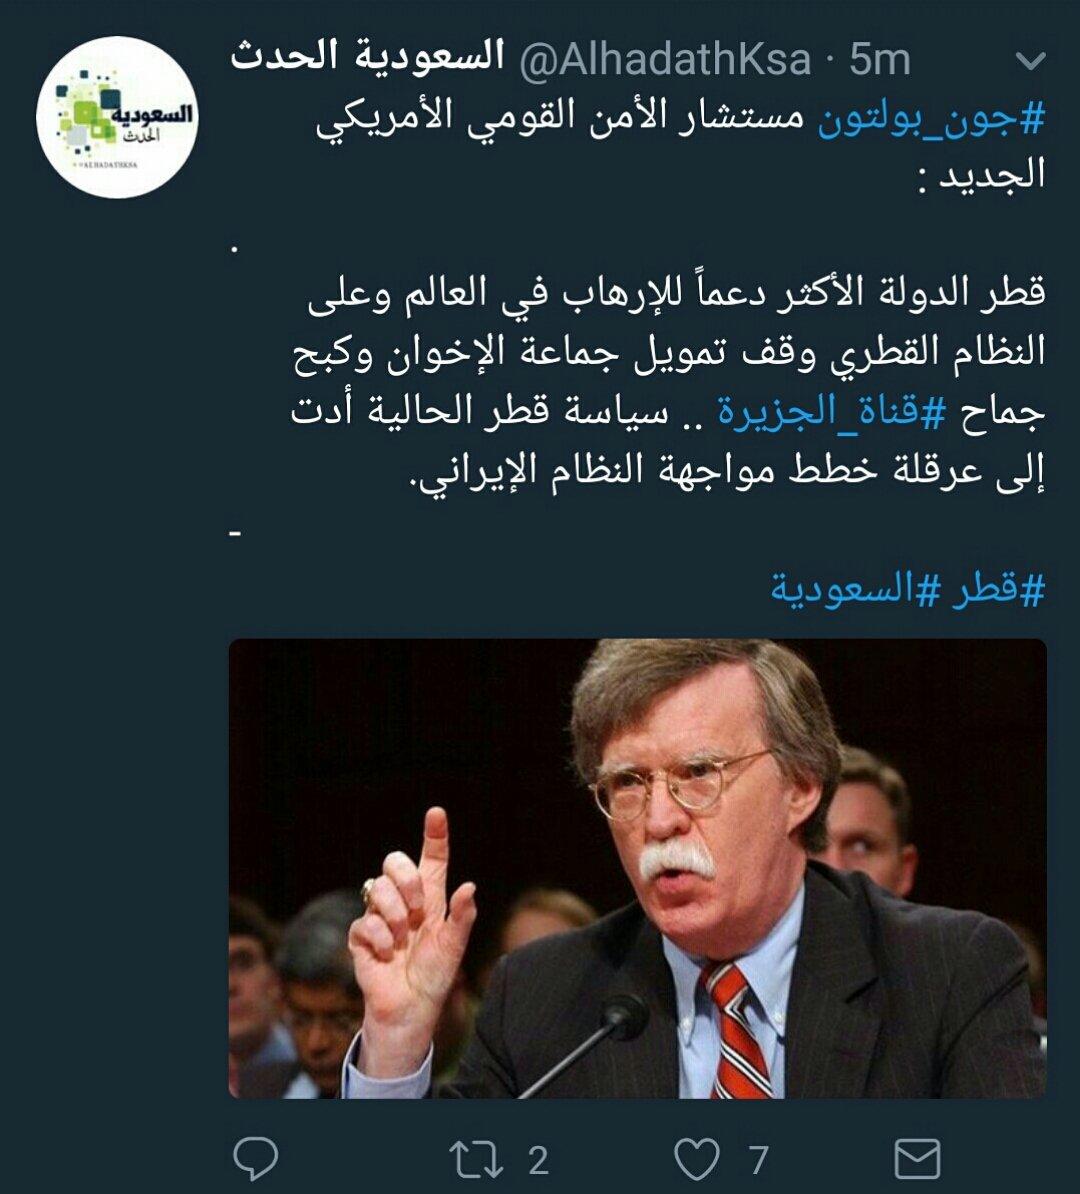 لا يا شيخ!  تبي تقنعنا أن 'قطر' عرقلت خط...